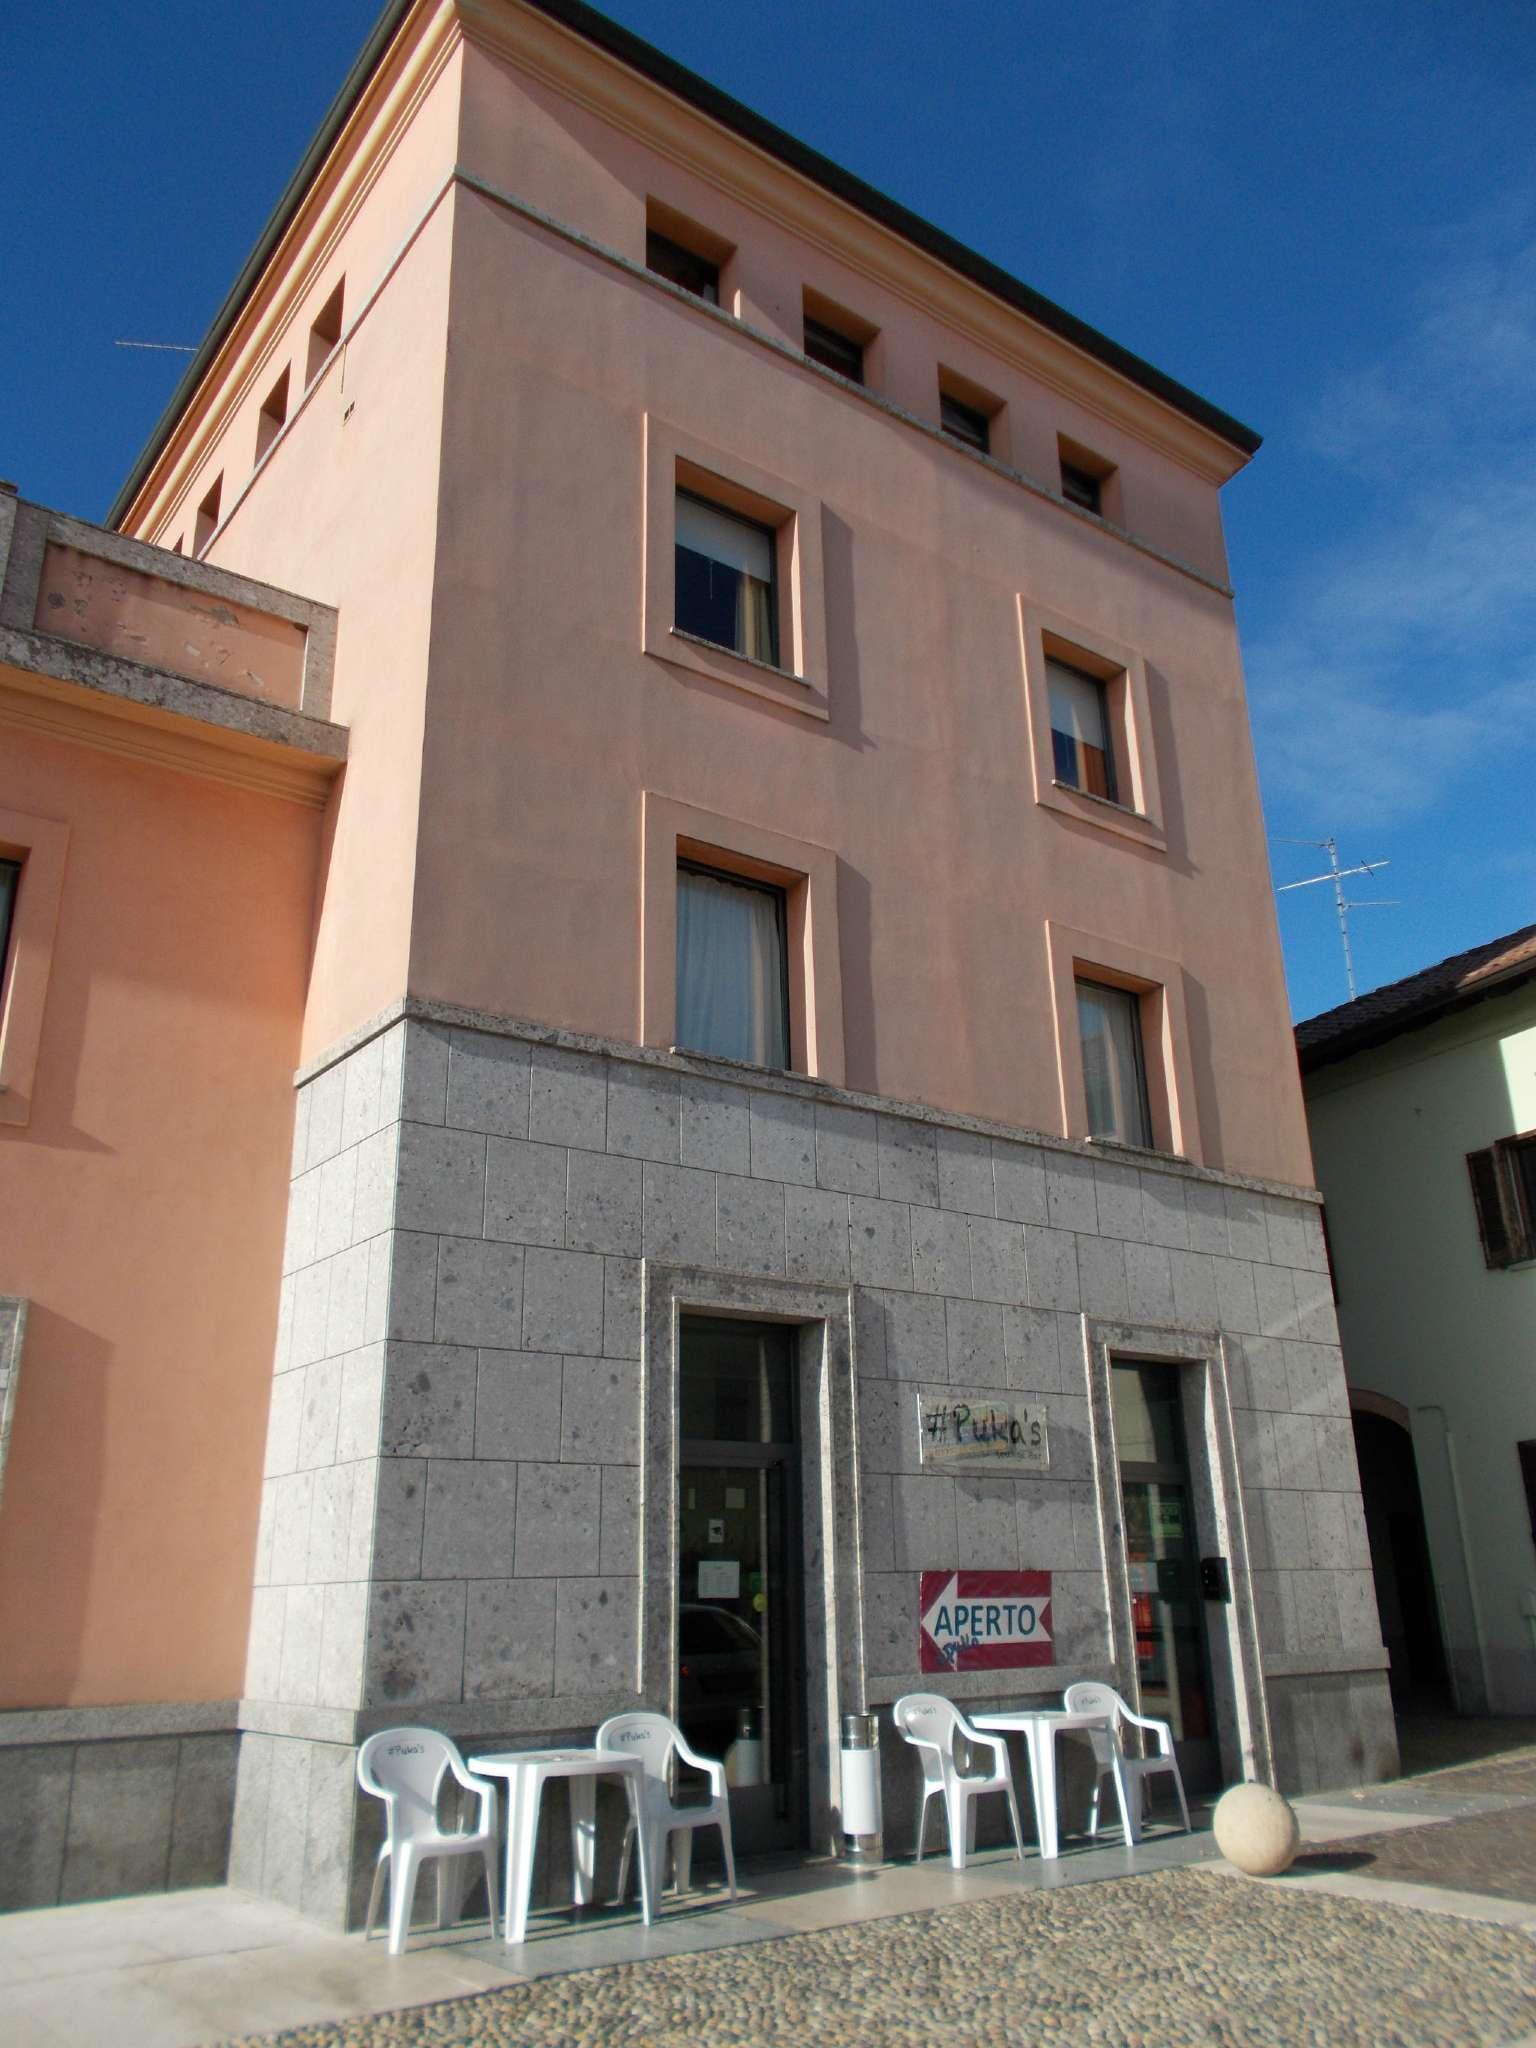 Negozio / Locale in vendita a Cavenago di Brianza, 2 locali, prezzo € 276.000   CambioCasa.it